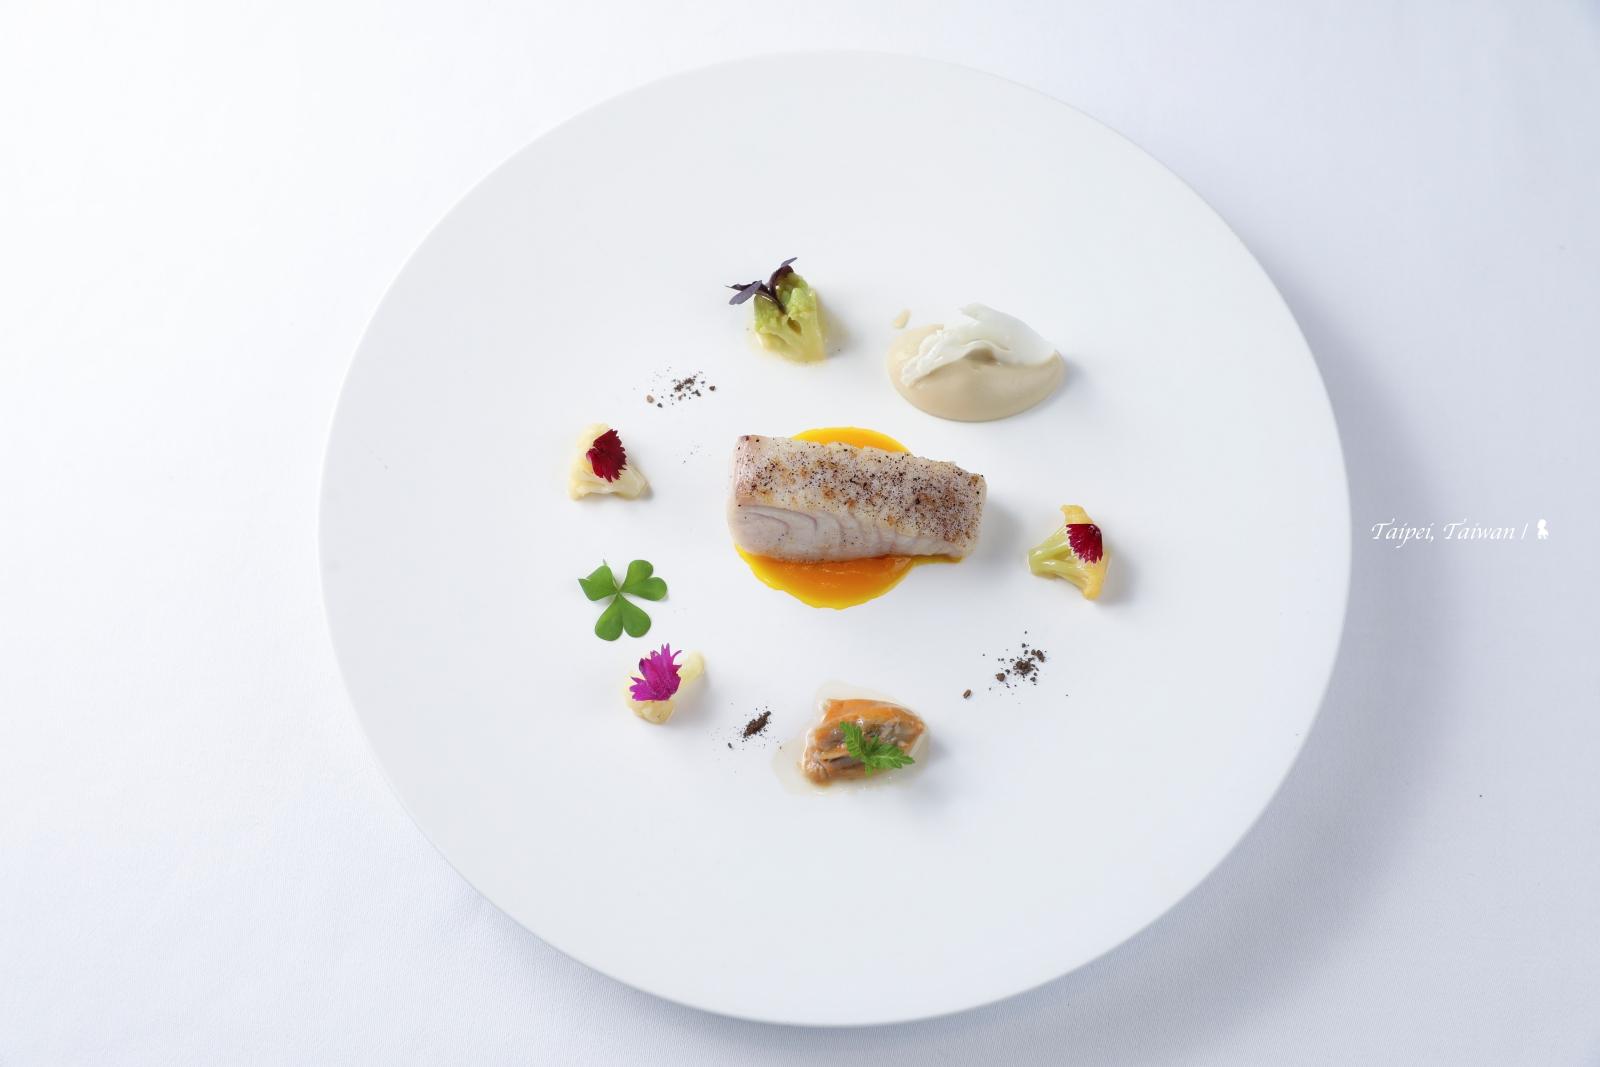 米其林餐盤推薦> 亞都麗緻巴黎廳1930 x高山英紀,以台灣茶串起的五感法餐新體驗